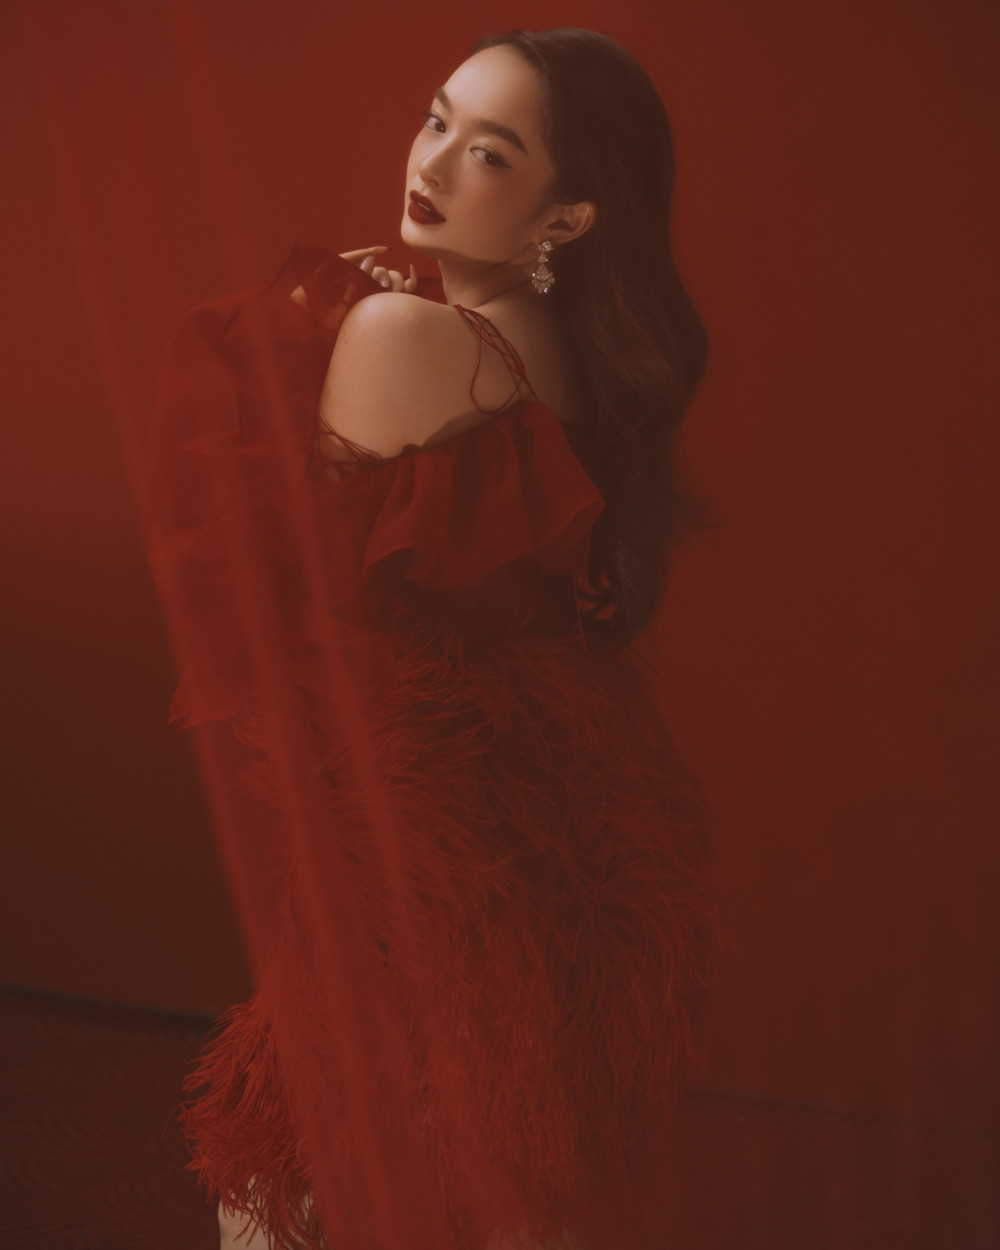 Tùy theo sắc đỏ đậm, nhạt của trang phục, nữ diễn viên sinh năm 1999 chú ý chọn tông son phù hợp. Gần đây, cô nàng khá yêu thích những bộ cánh có tông màu nổi bật như đỏ, cam, vàng... khi xuất hiện trong các sự kiện.